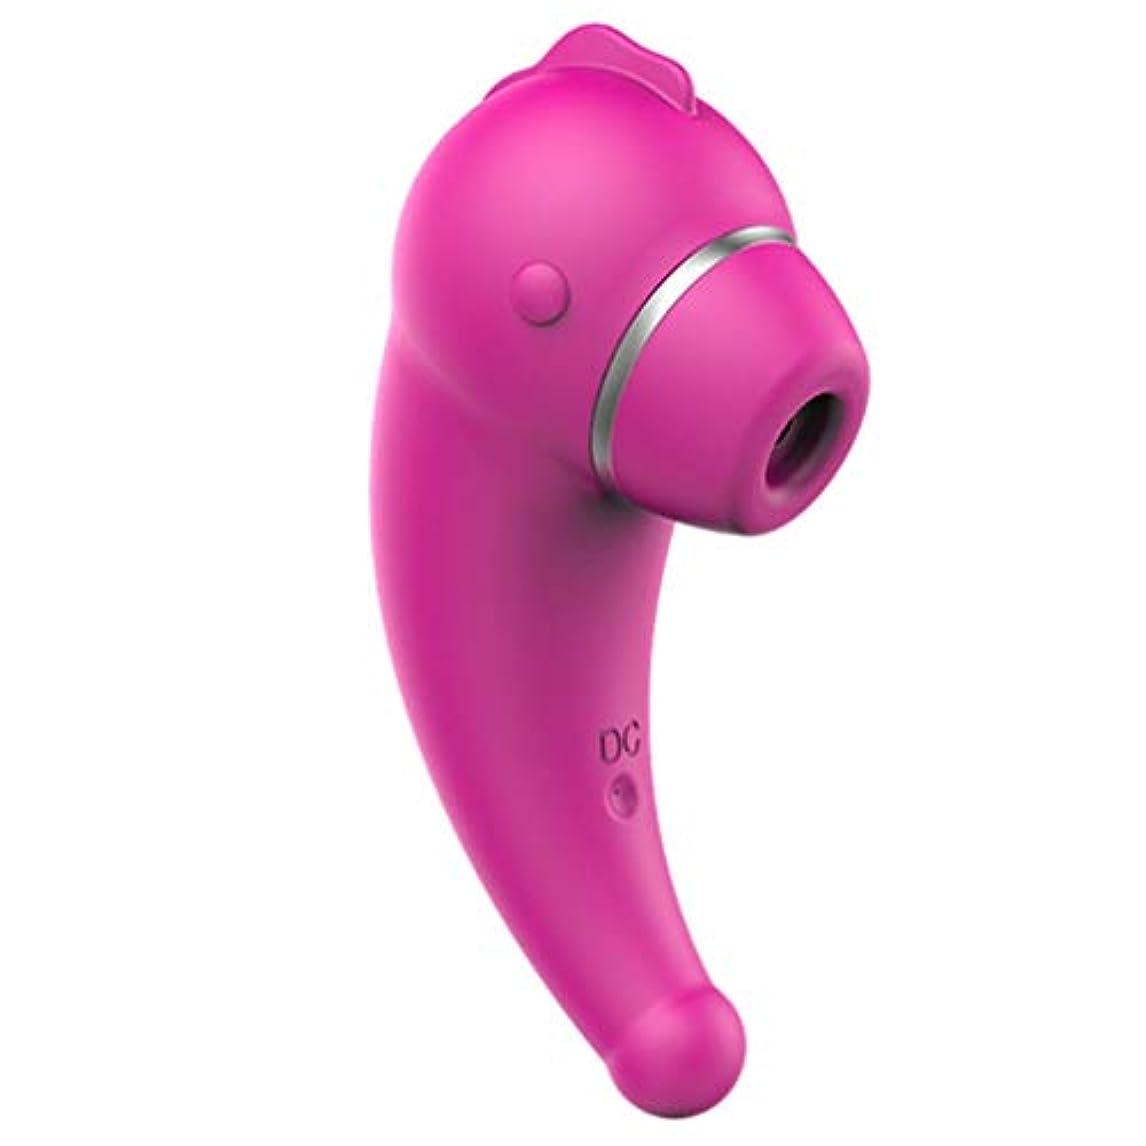 対人イヤホン一口ZMHS コードレス電気シリコーンパーソナルマッサージ、女性の喜びワイヤレス防水玩具、女性のためのバイブレータサイレント小さな杖 (Color : A)